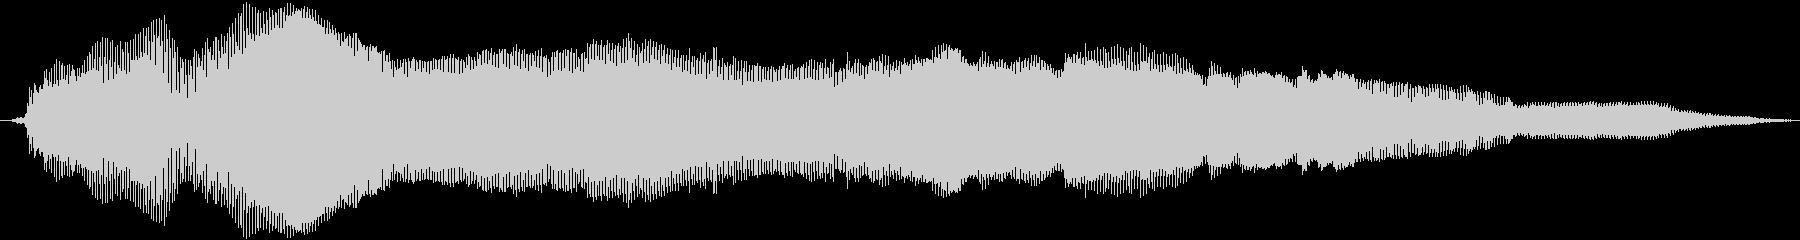 猫の鳴き声(甘えるような声 テイク1)の未再生の波形